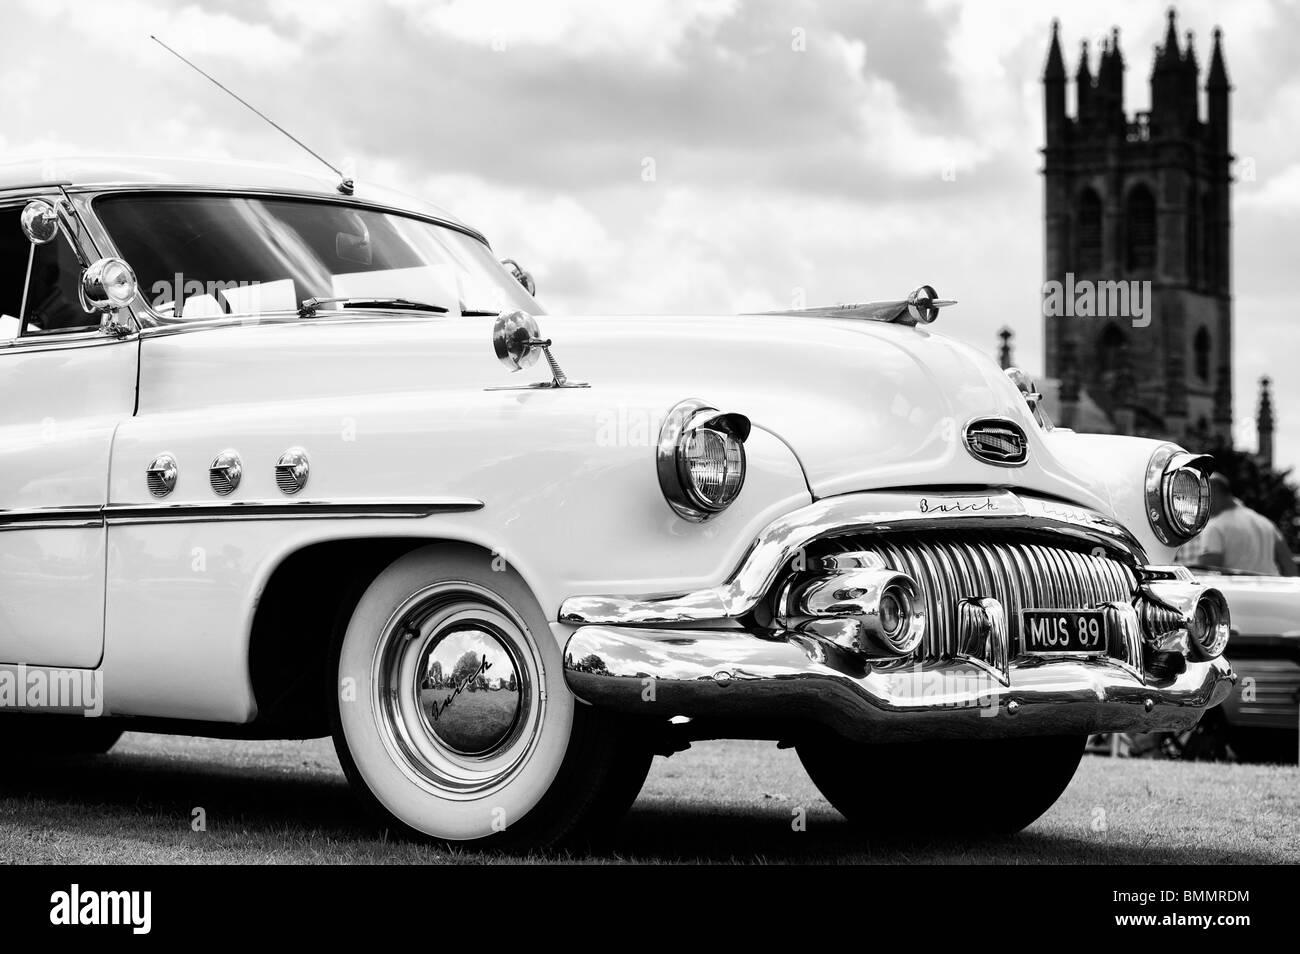 Buick ocho front end, un coche clásico americano, en el Churchill vintage car show, Oxfordshire, Inglaterra Imagen De Stock